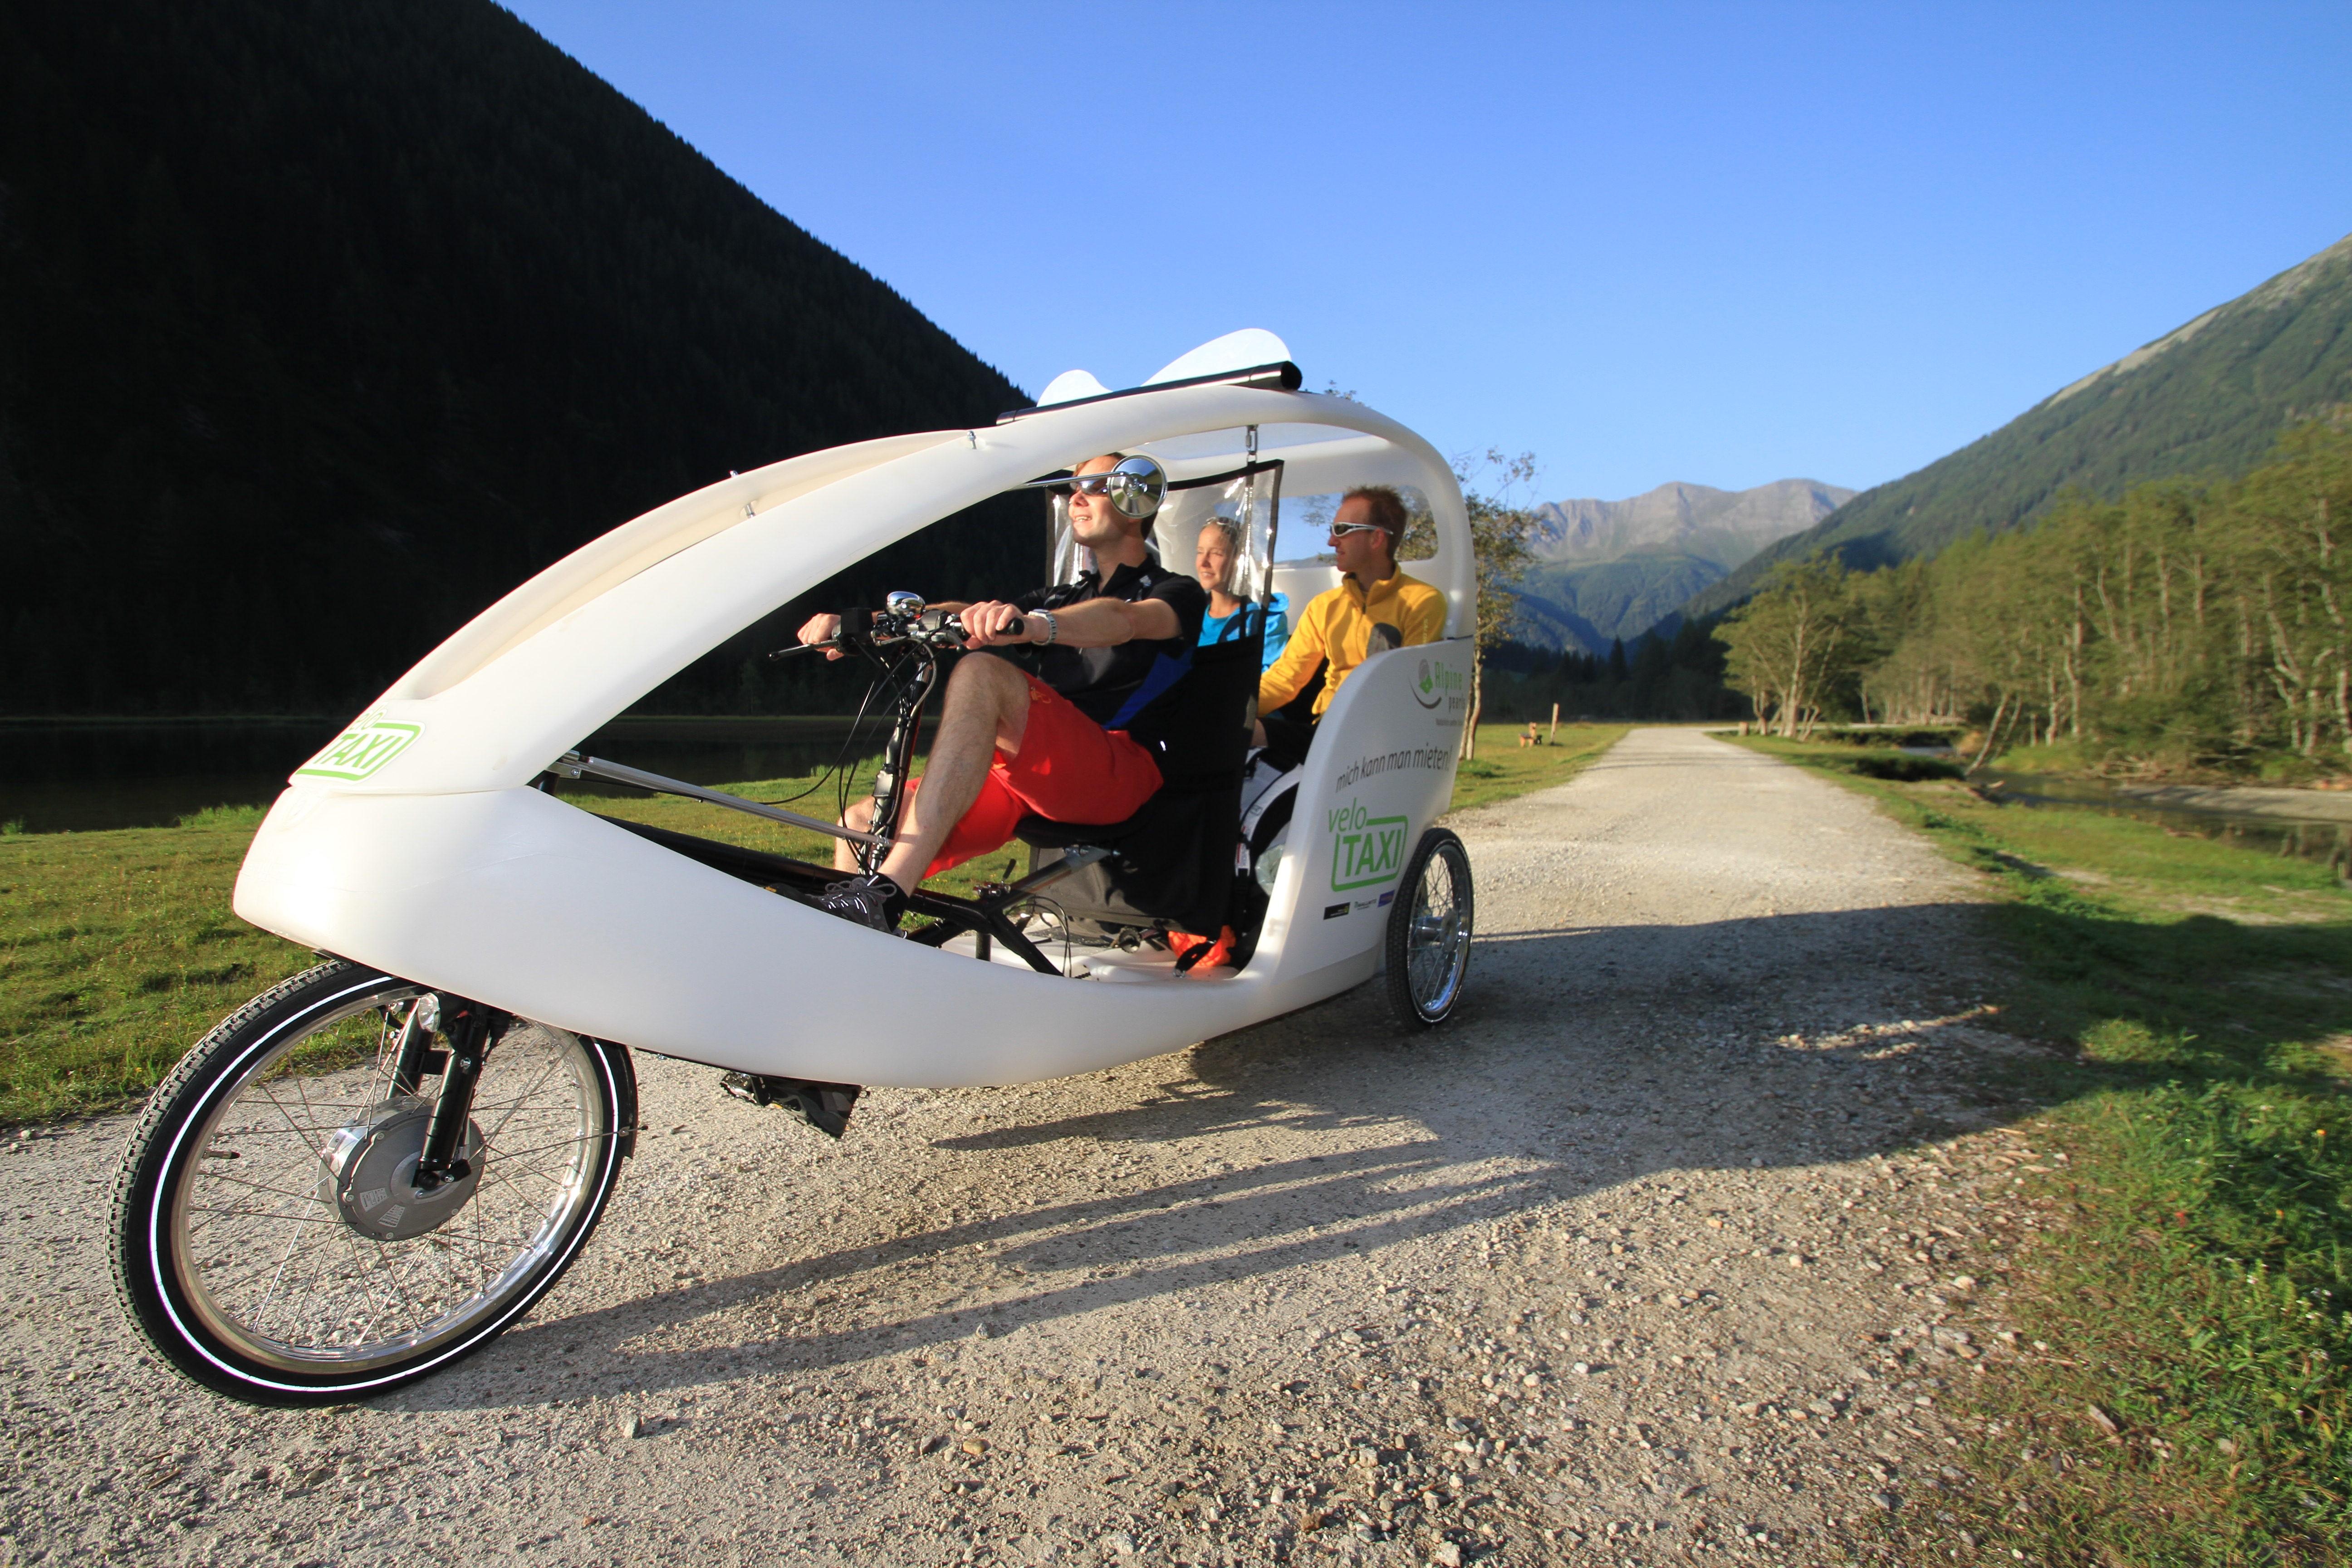 Velo taxi a Mallniz, Austria